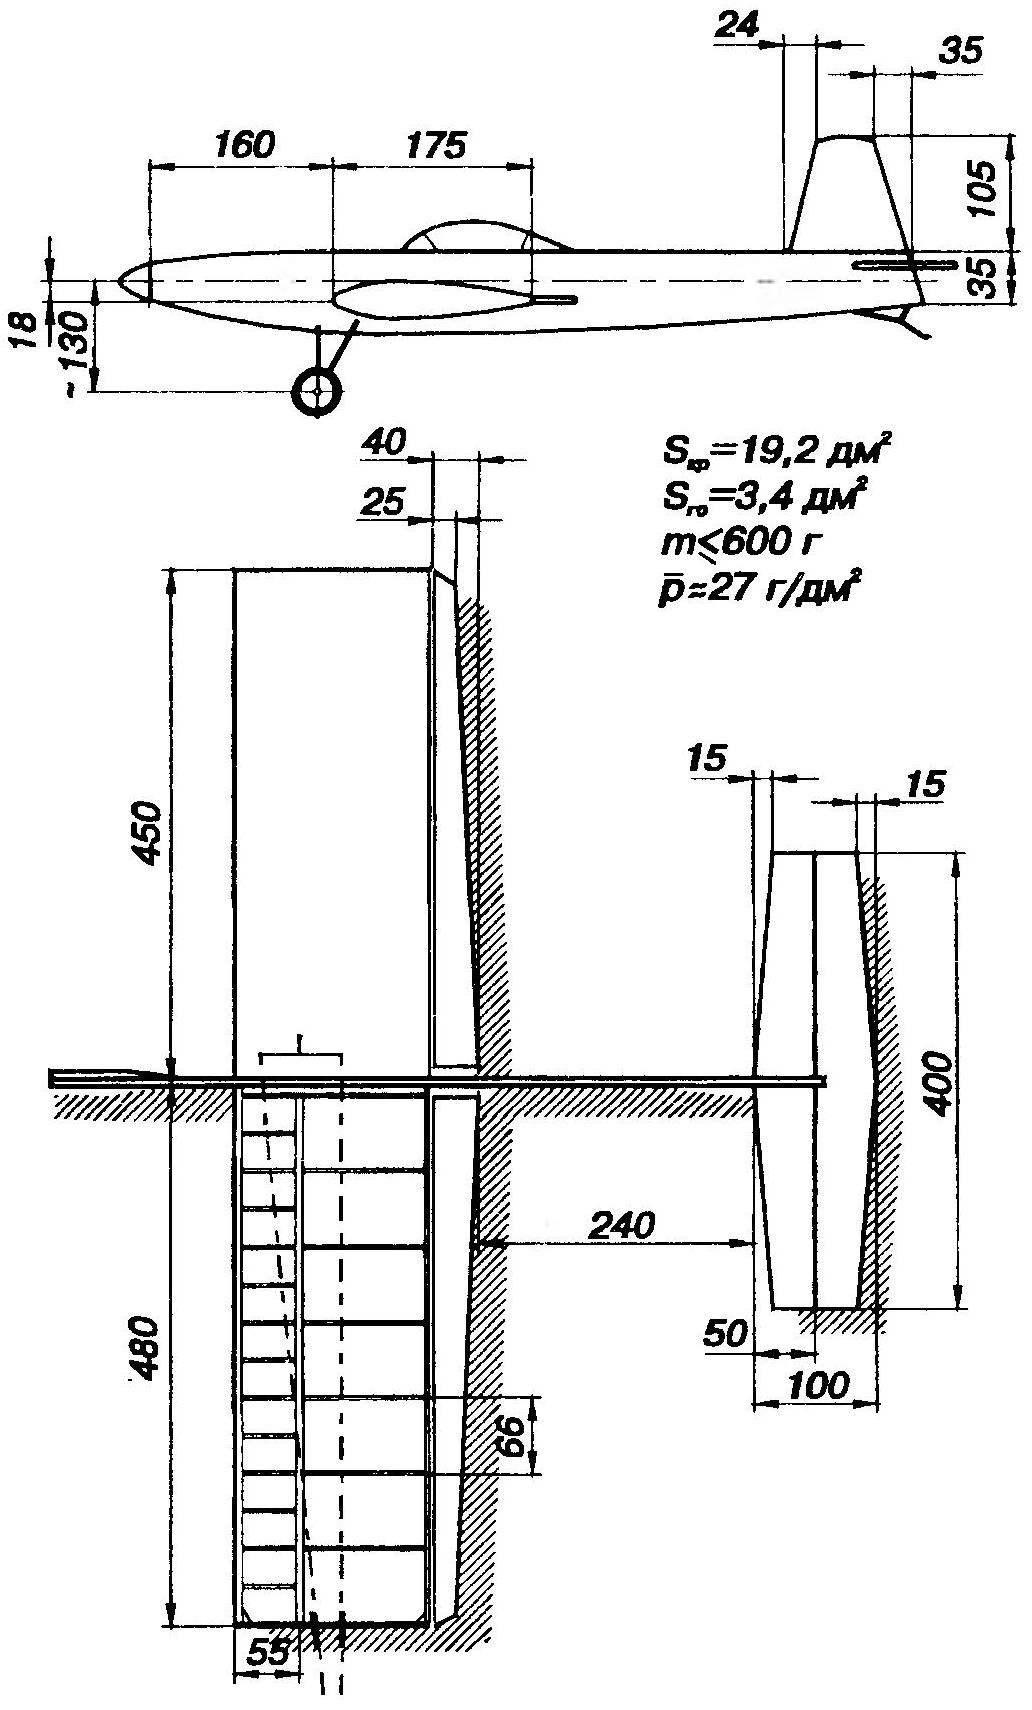 Общий вид кордовой пилотажной модели